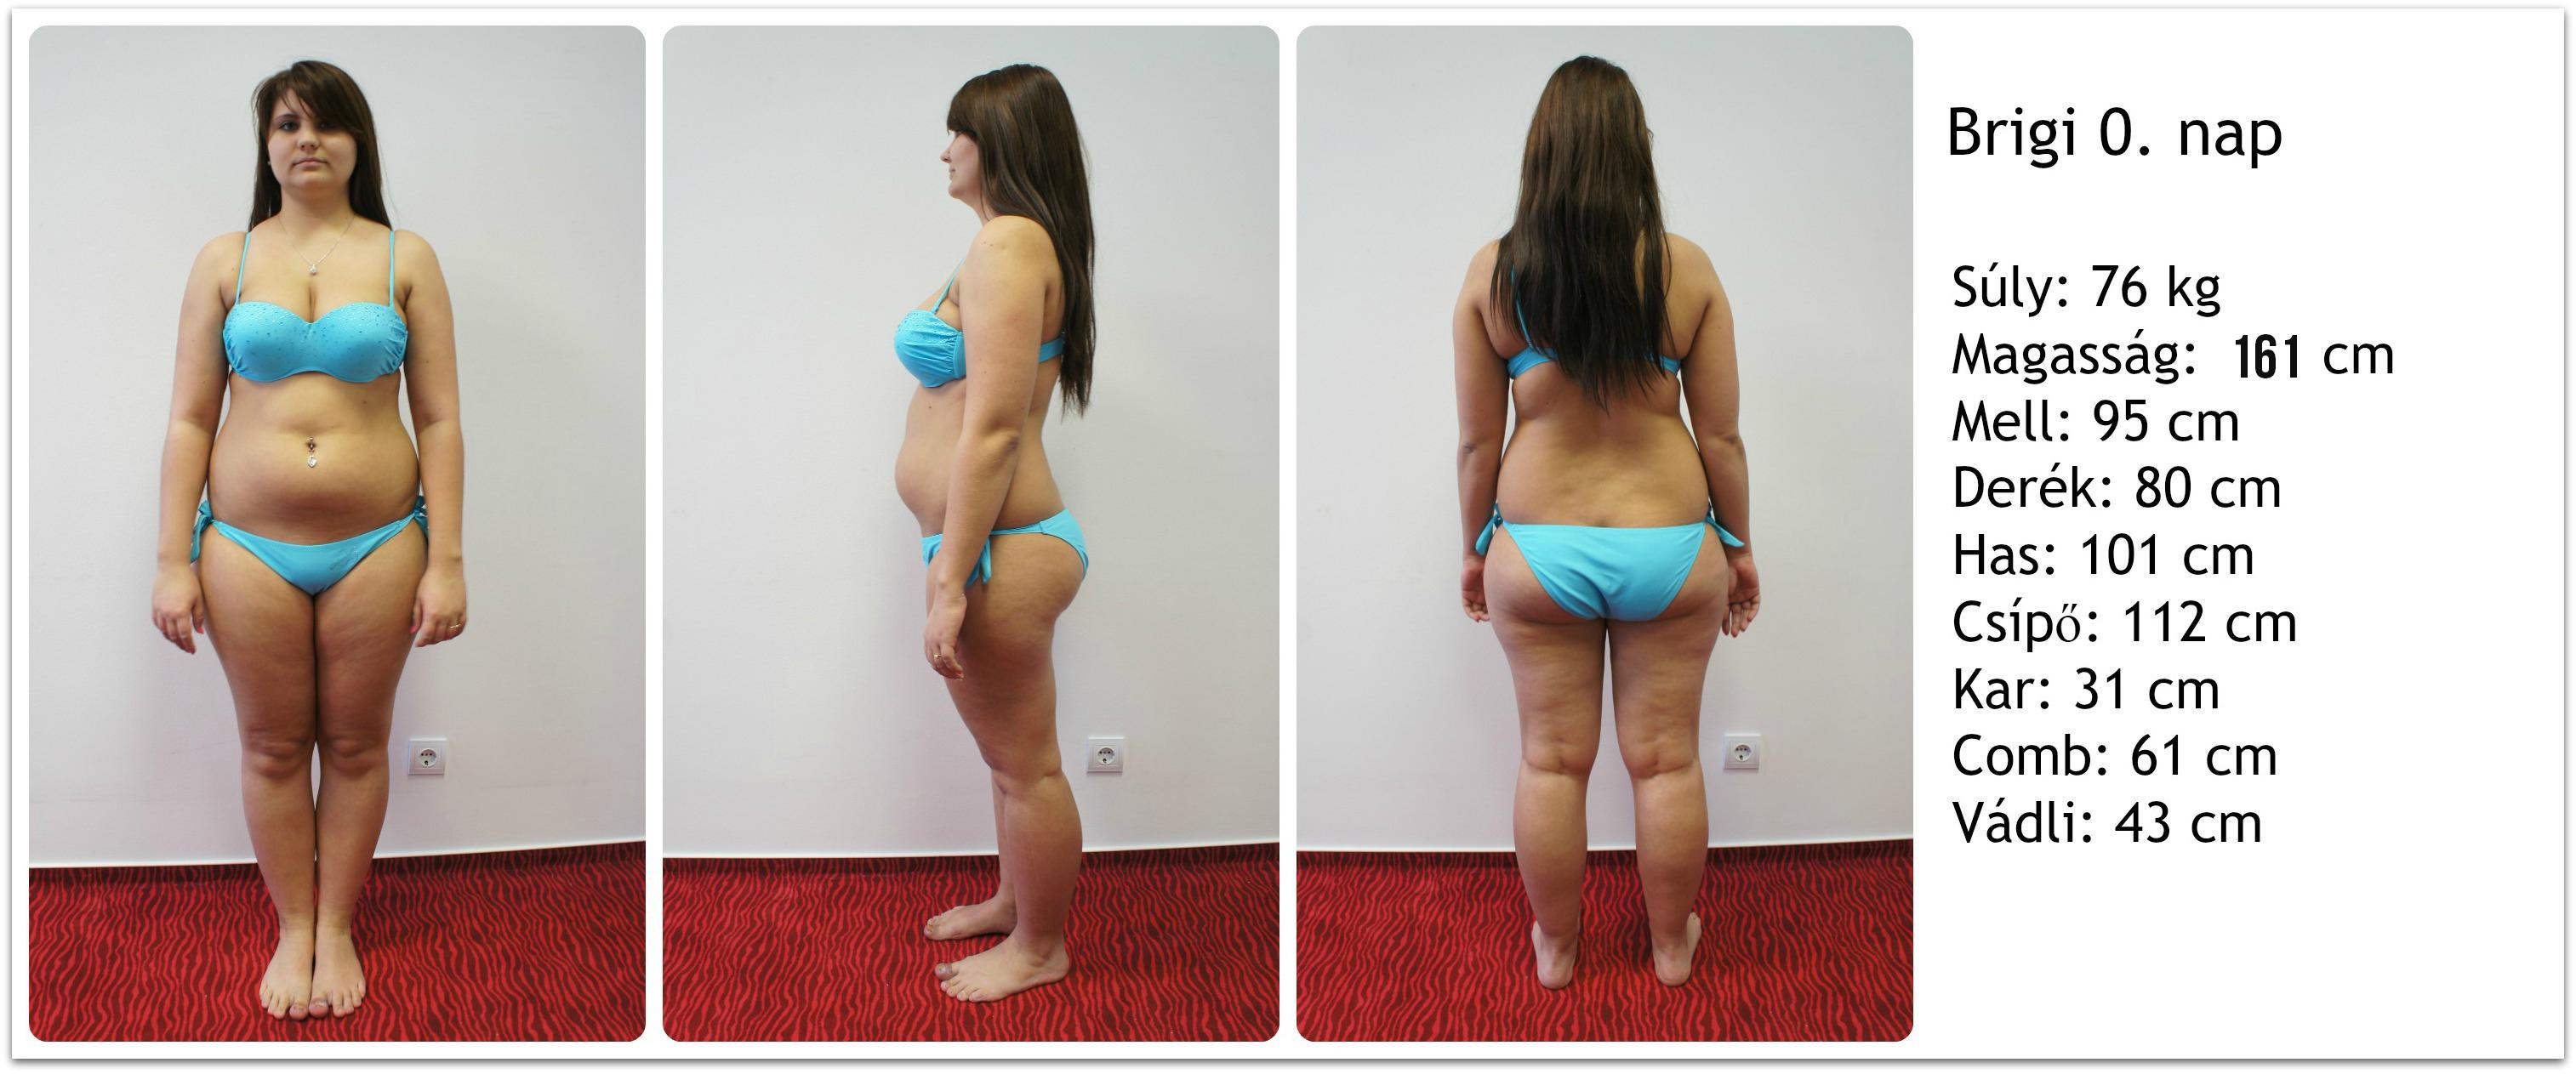 Vékony alak nem minden! Ne sovány legyél, hanem feszes! | Peak girl